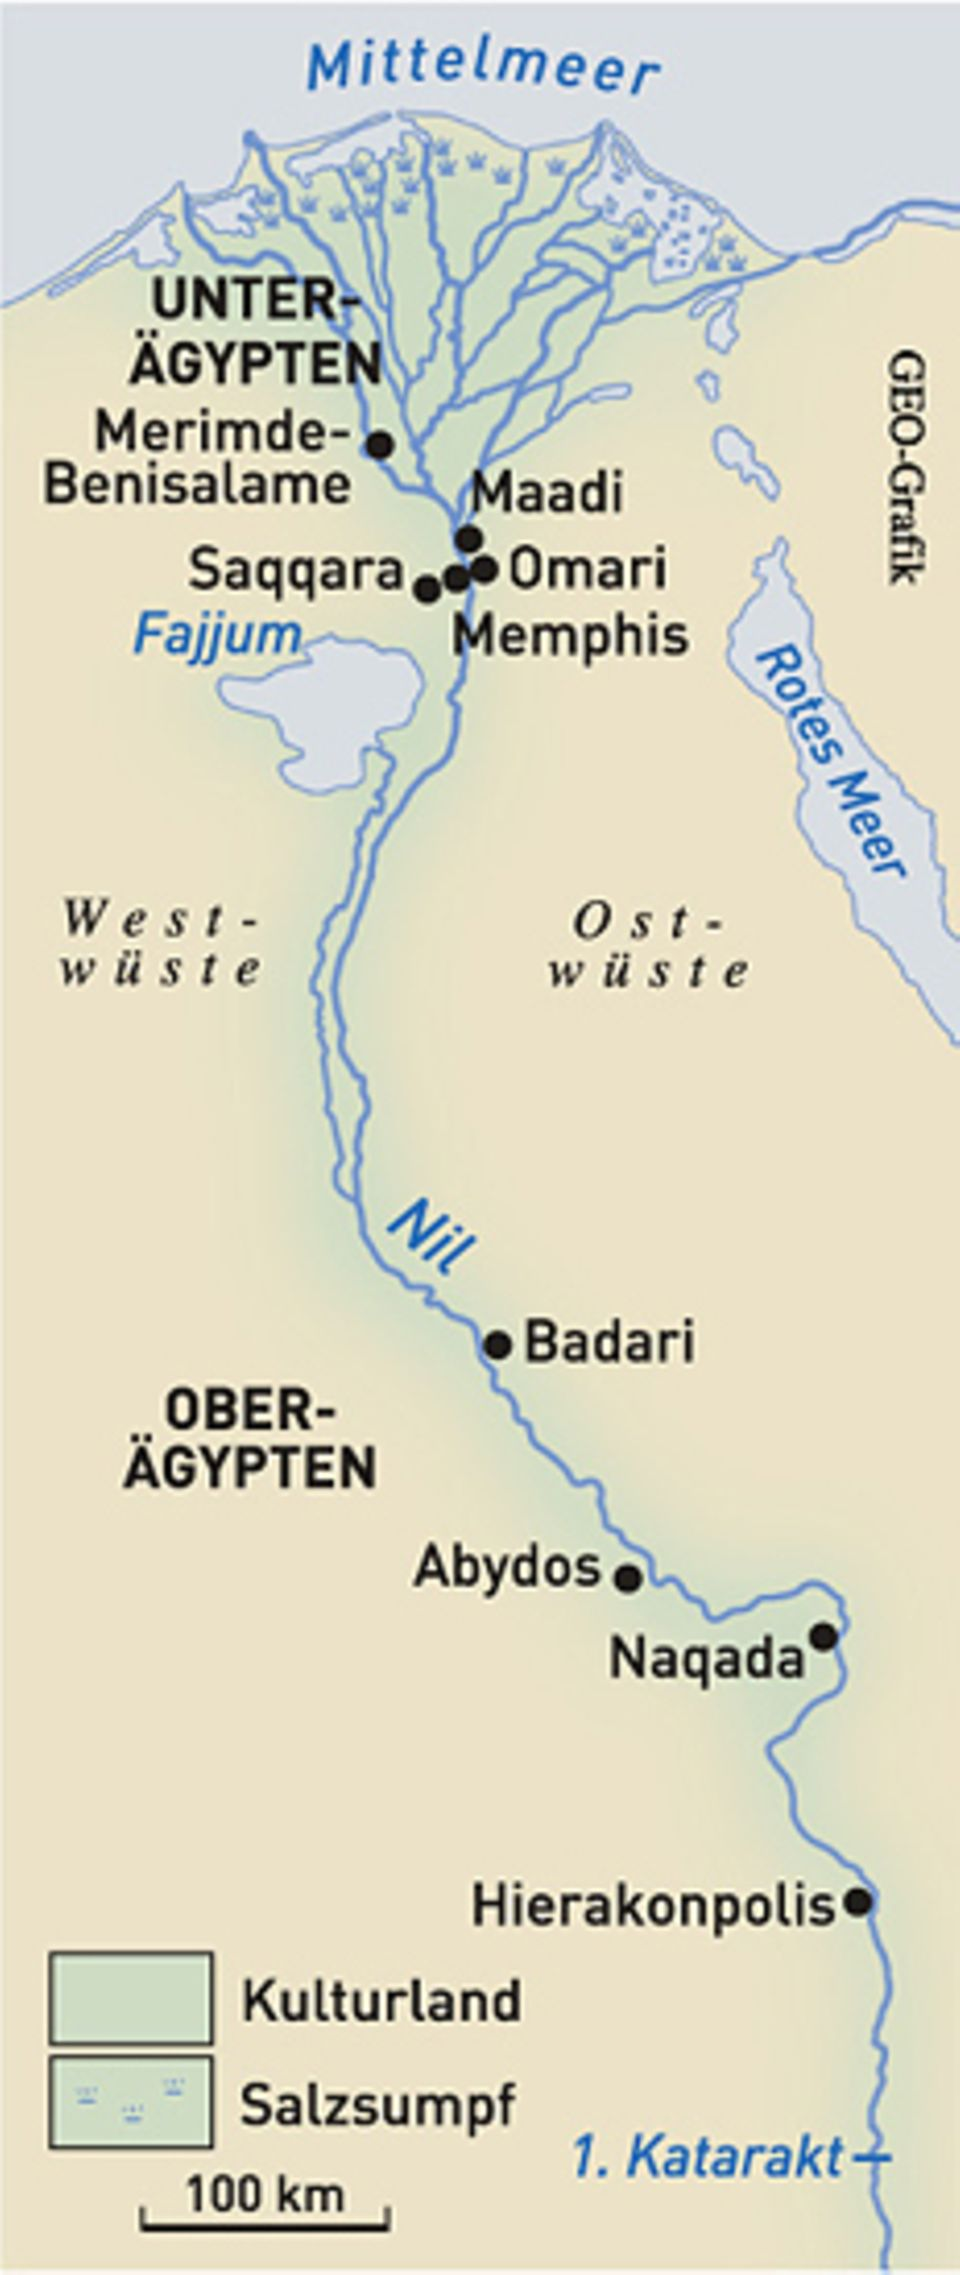 Altes Ägypten: Vorgeschichte und archaische Zeit: Das Niltal verläuft mitten in der lebensfeindlichen Wüste. Jährliche Überschwemmungen düngen die Uferzone